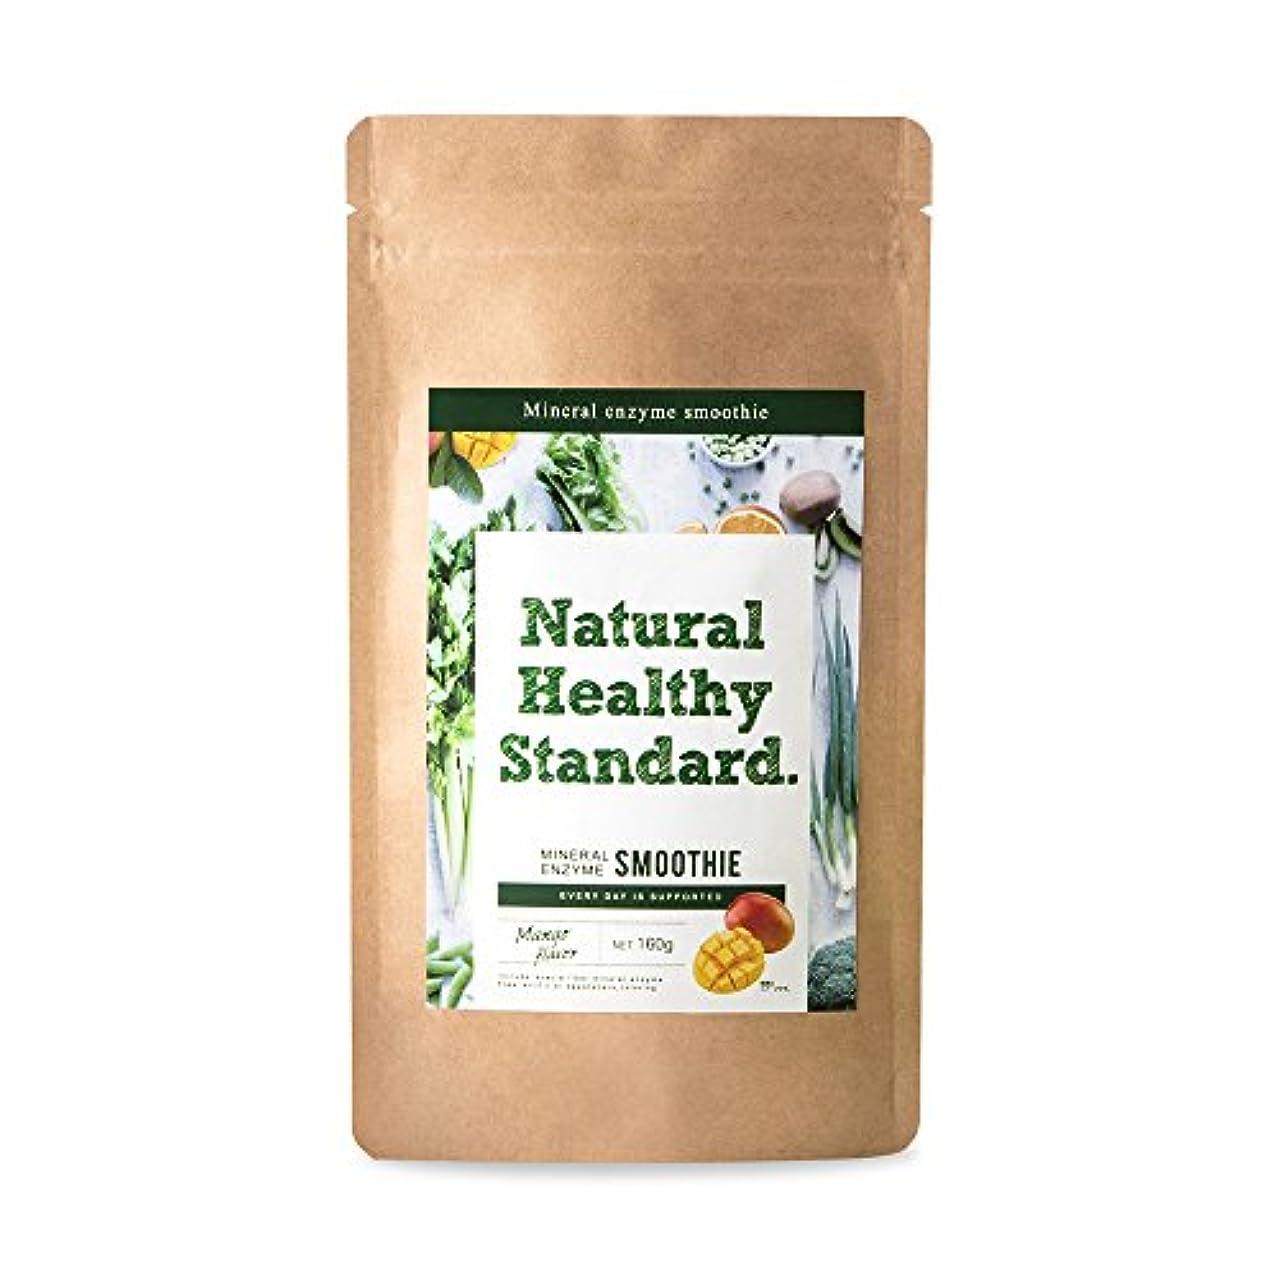 スプーン合理的配管Natural Healthy Standard. ミネラル酵素グリーンスムージー マンゴー味 160g (2017年リニューアル品)